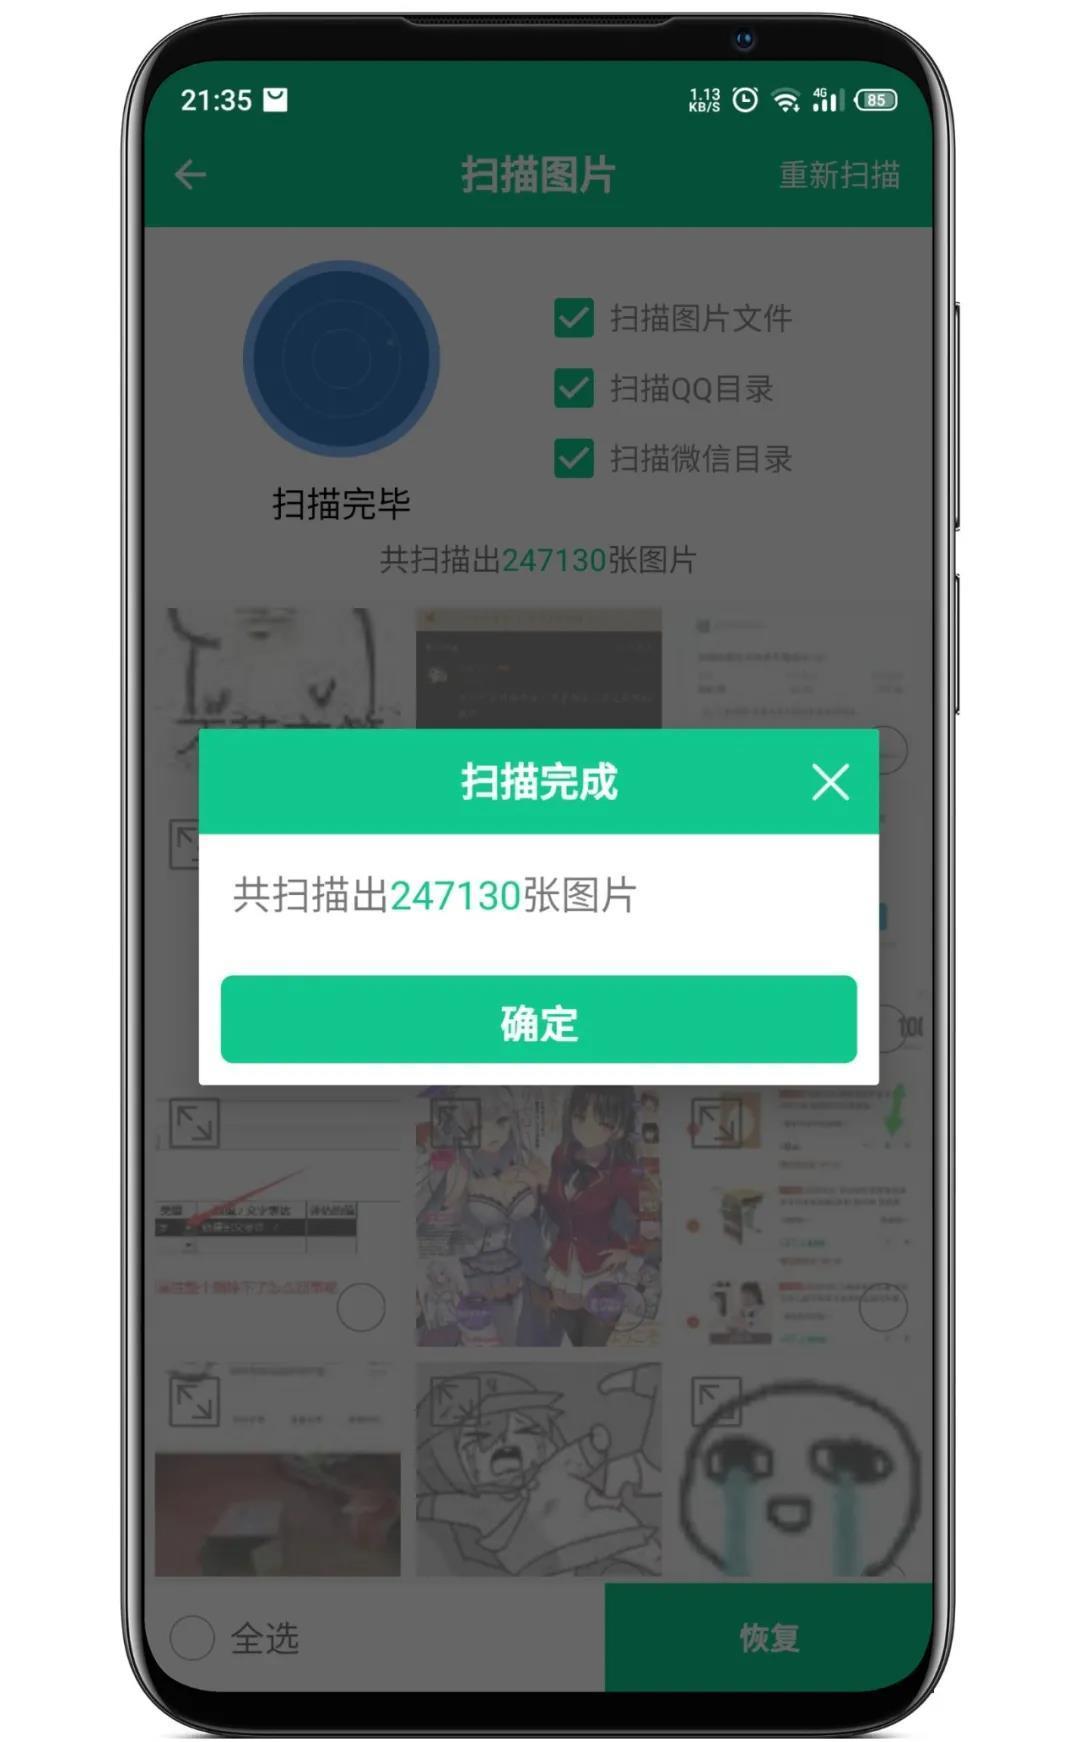 601de31d3ffa7d37b3391ead 一款能够快速恢复那些误删图片的App--照片恢复